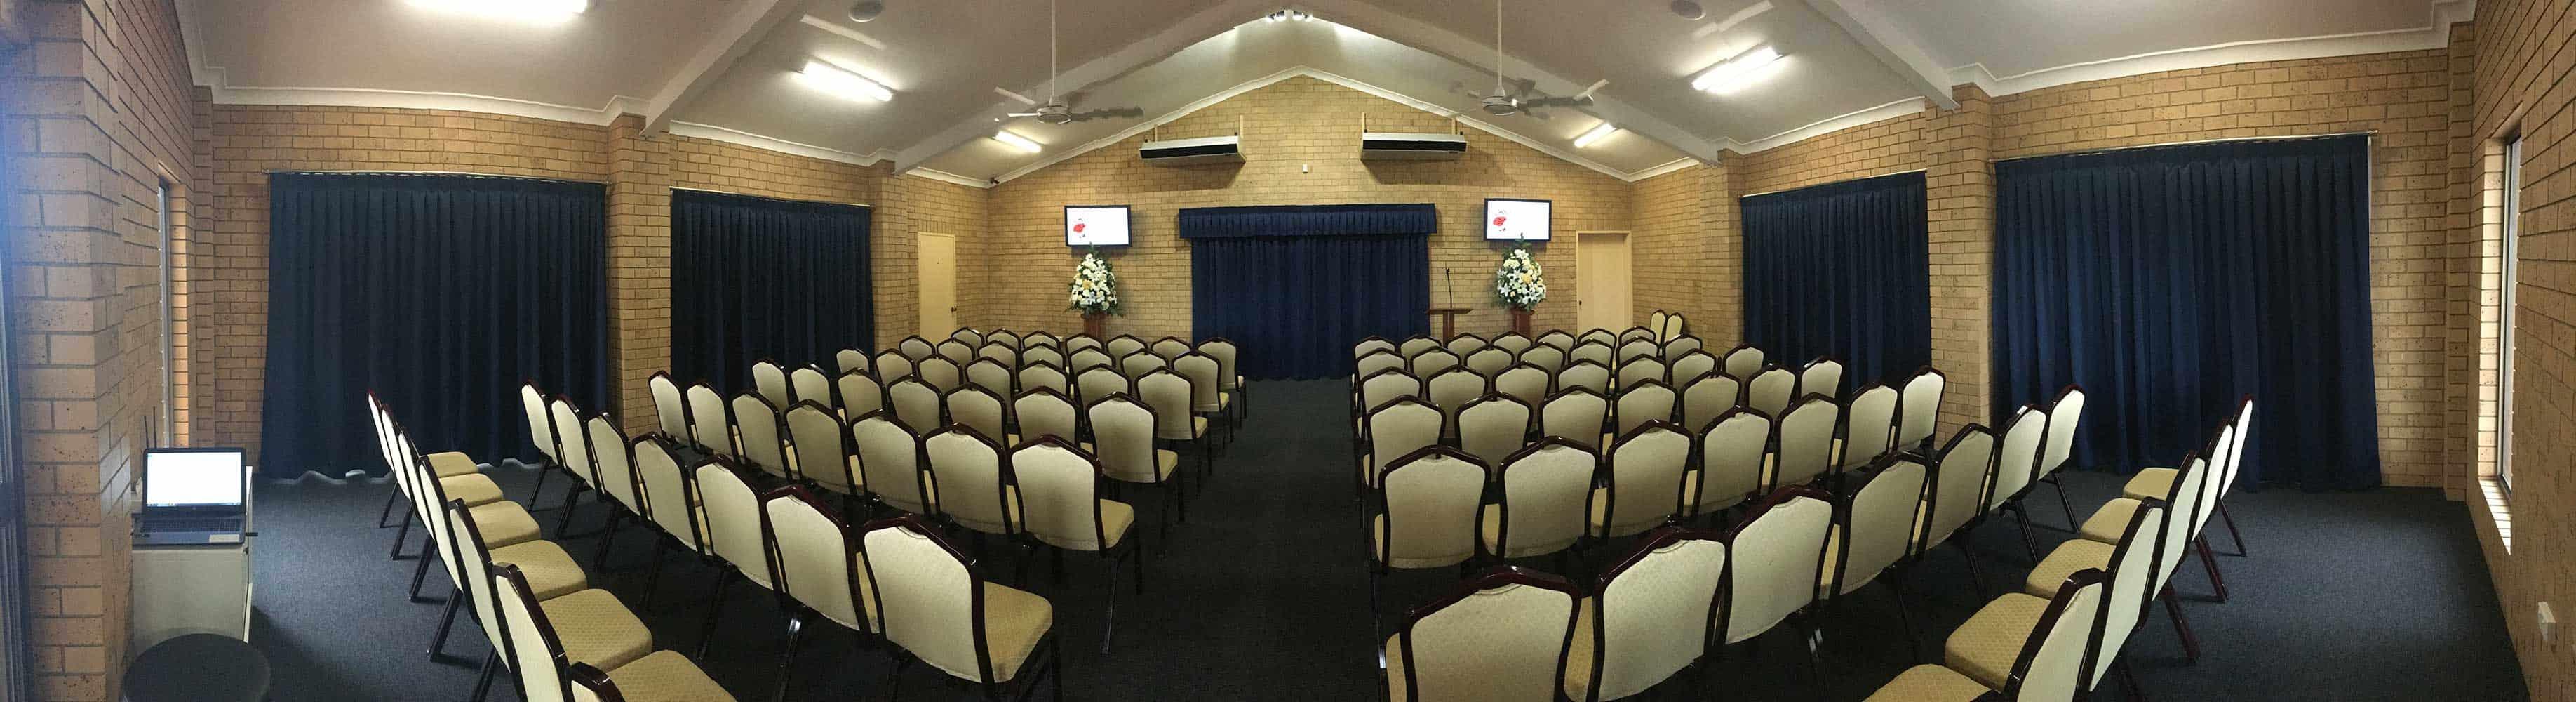 Cairns Crematorium Chapel / Funeral Parlour